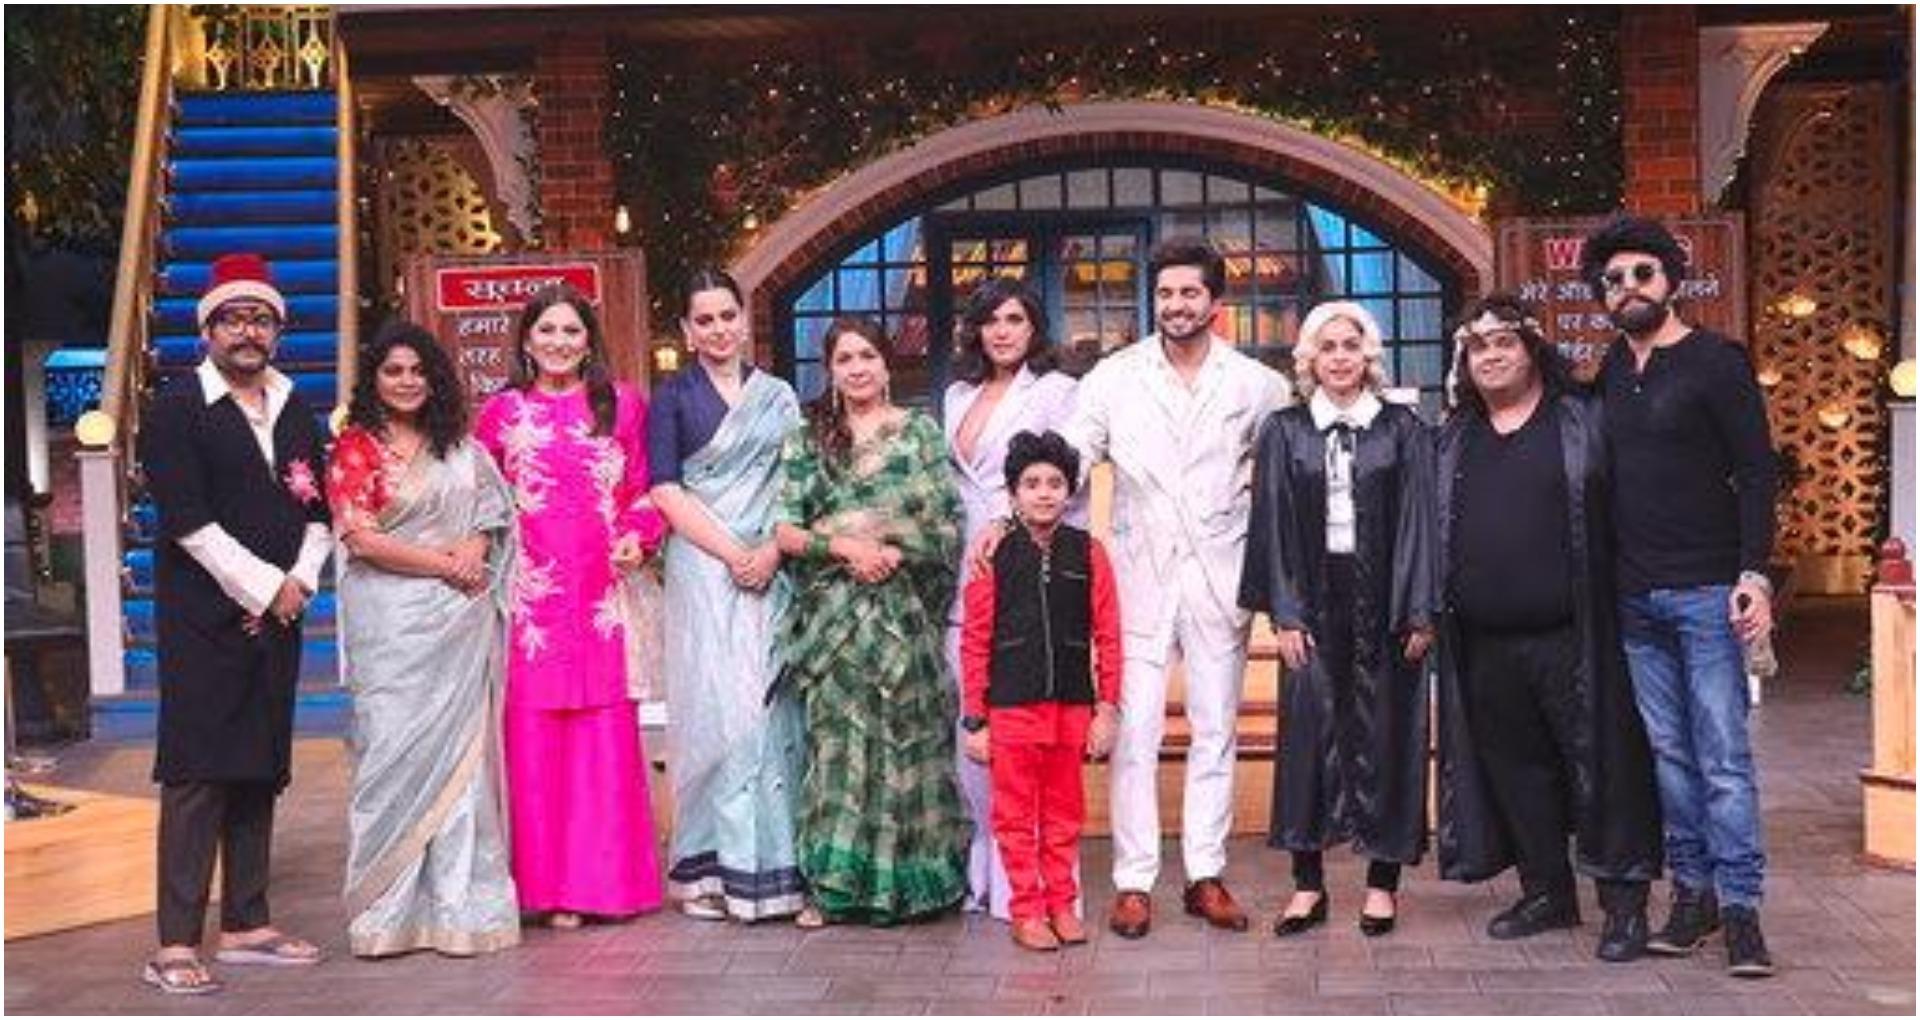 कंगना रनौत पहुंची कपिलशर्मा शो पर, ऋचा चड्ढा और नीना गुप्ता के साथ मिलकर लिया पूरेटीम से पंगा, देखे तस्वीरें